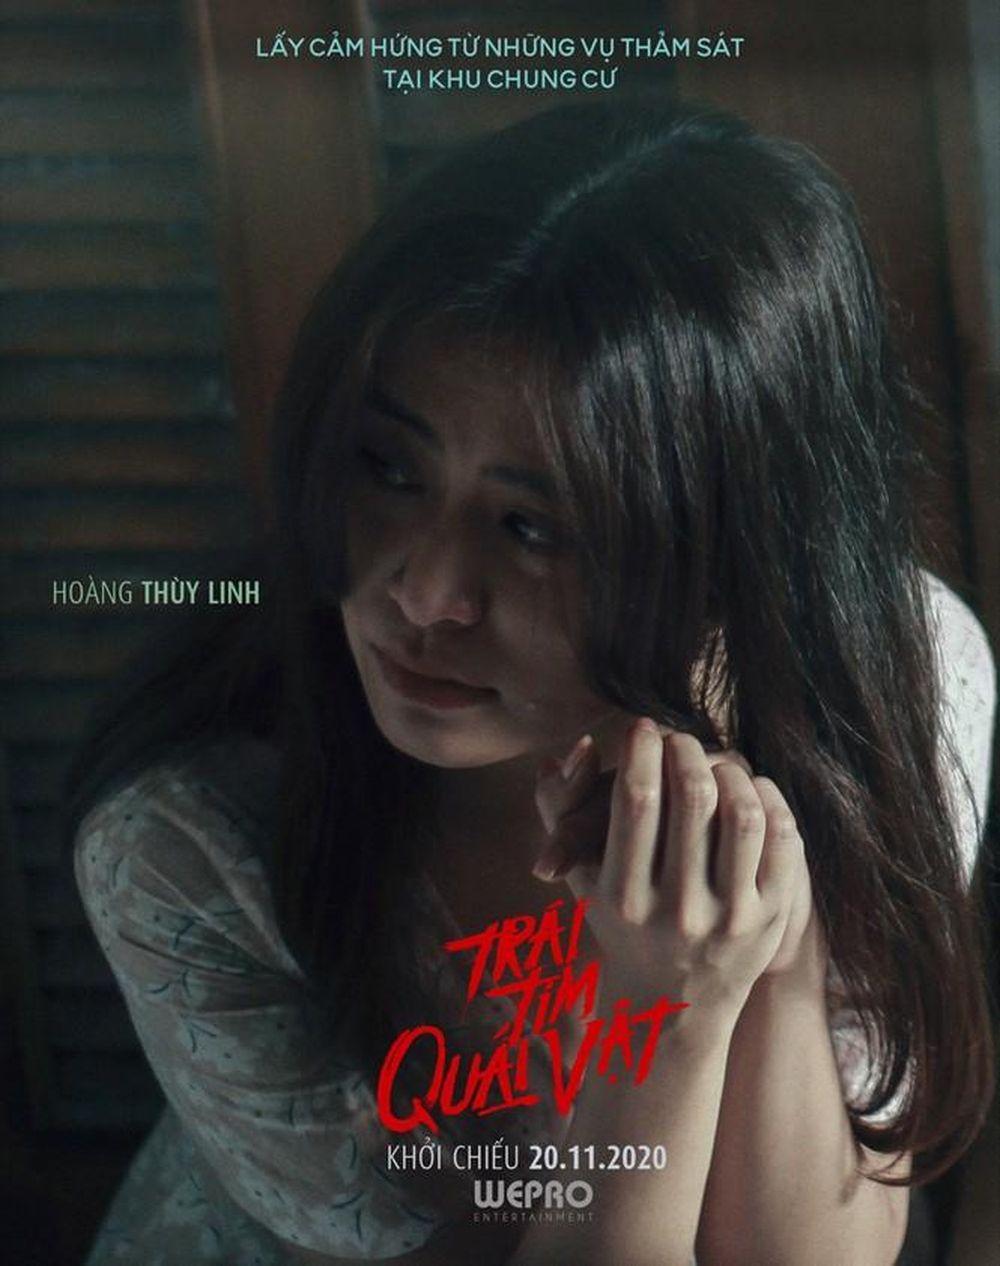 Hoàng Thùy Linh, Trịnh Thăng Bình xuất hiện đáng sợ trong trailer 'Trái tim  quái vật' - Báo Hoa Học Trò